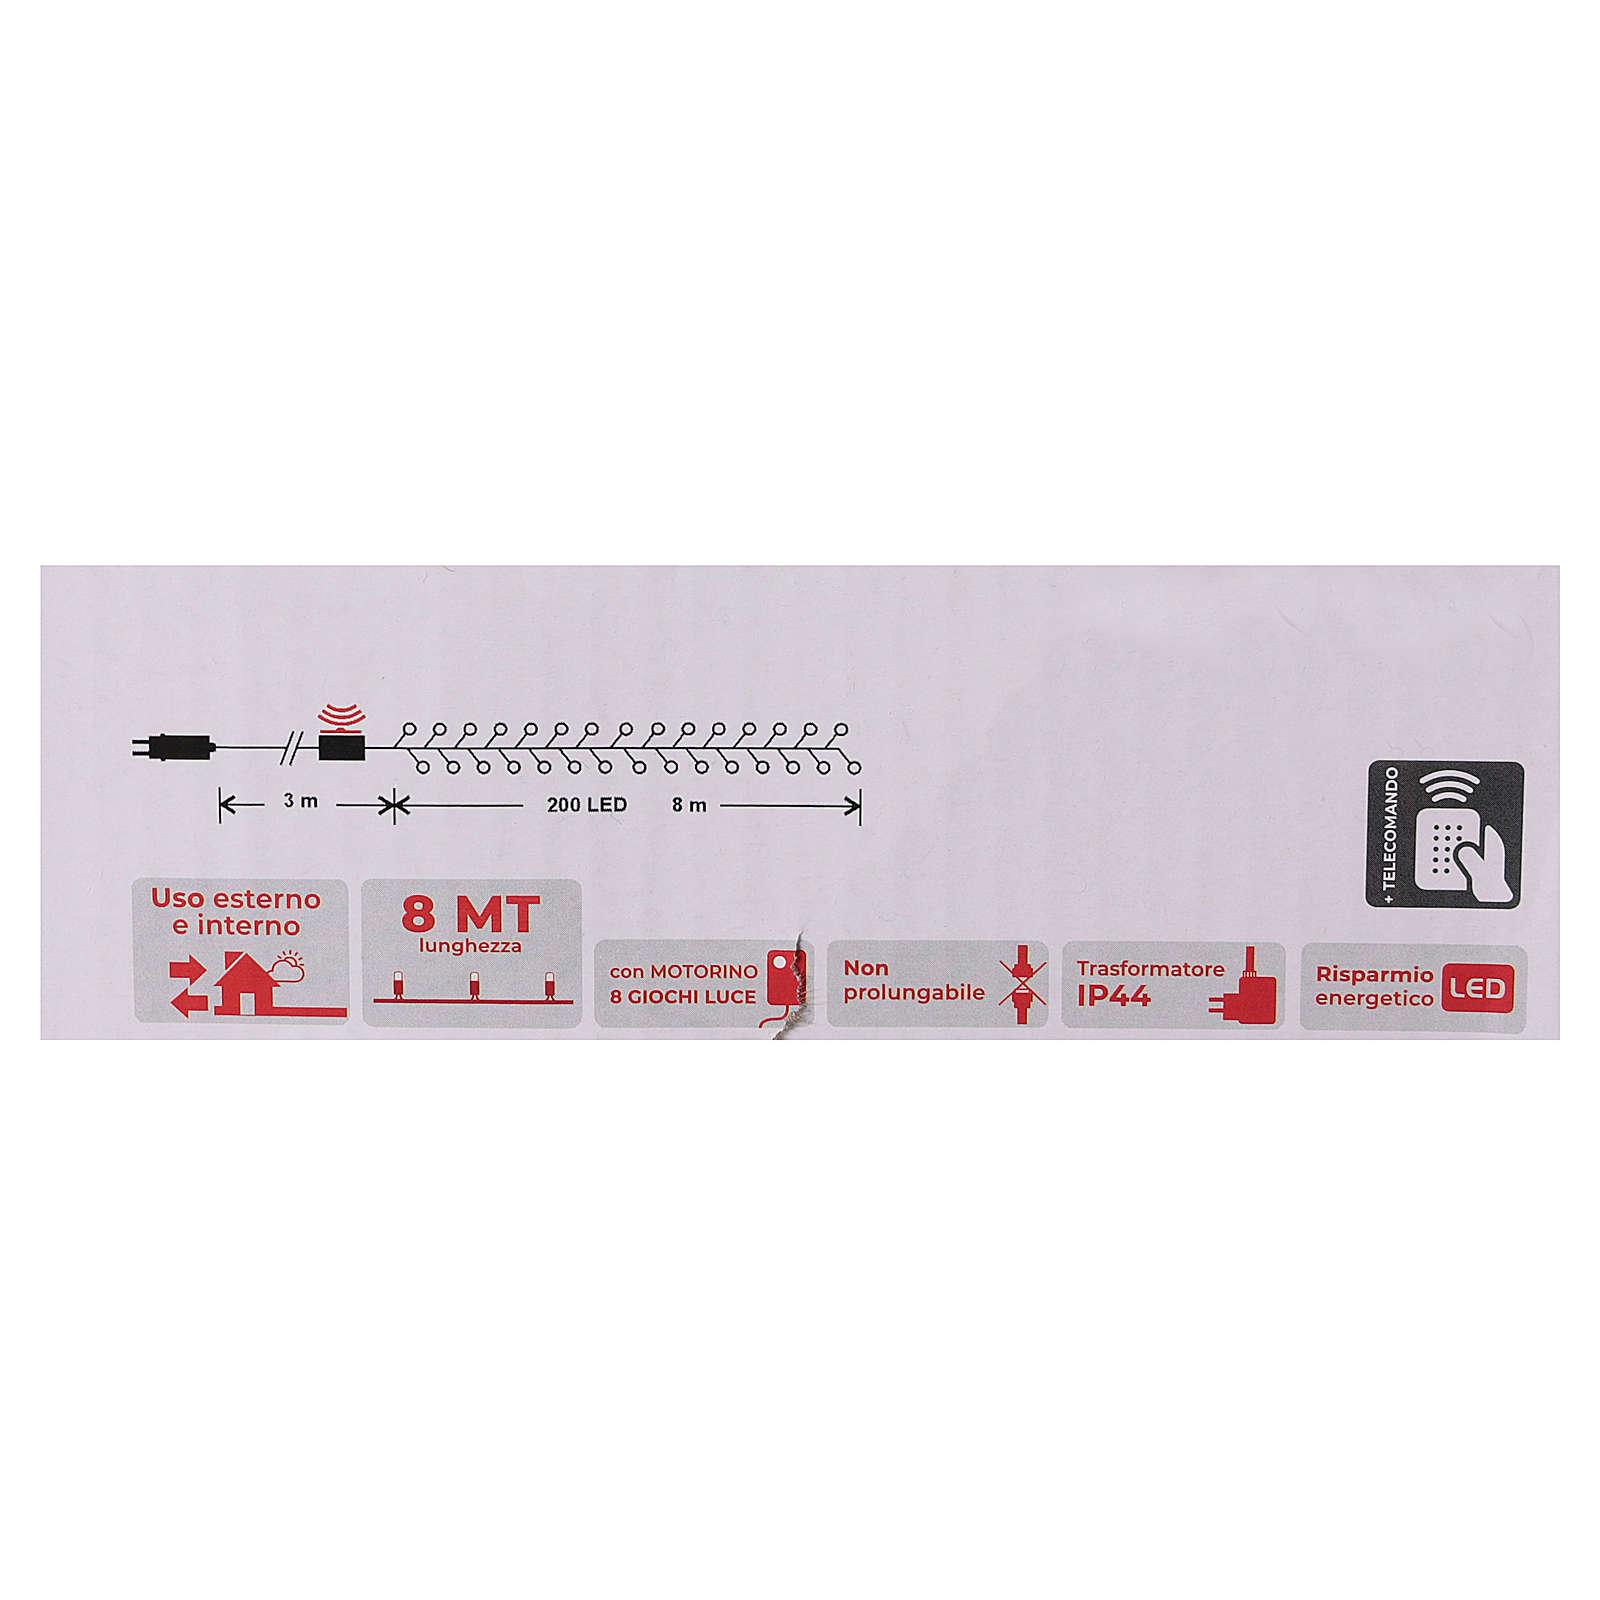 Catena 200 led bianco freddo telecomando remoto esterno 220V 3